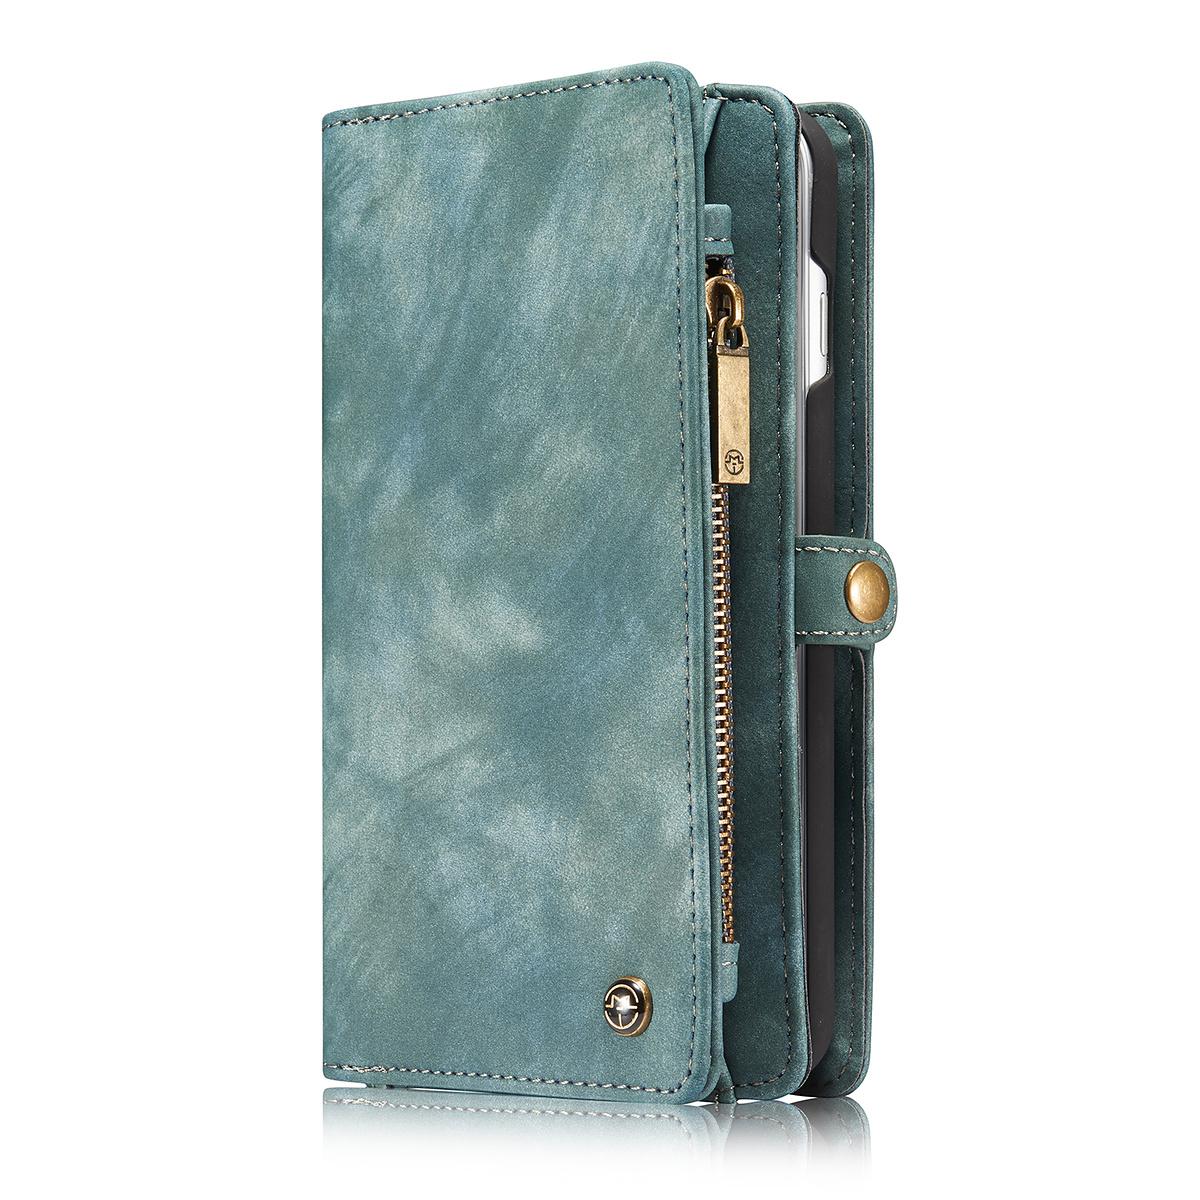 CaseMe plånboksfodral med magnetskal, iPhone 7/8 Plus, blå